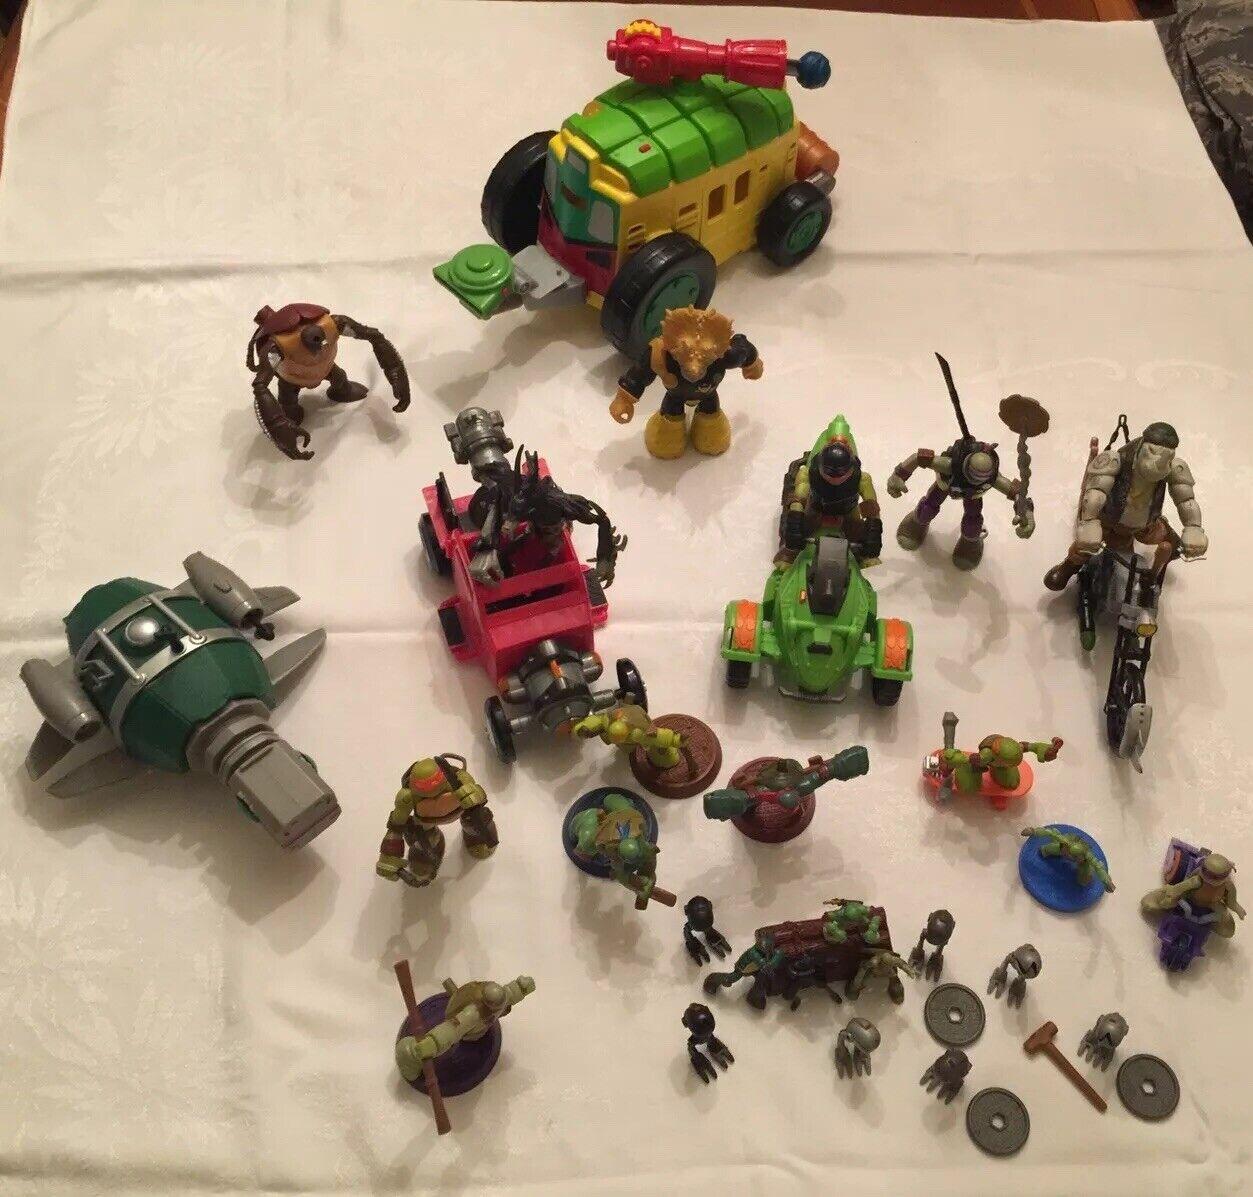 para barato Tortugas Ninja Juguetes Lote de 38 figuras de de de acción, vehículos, Miniatura Ninjas  mejor calidad mejor precio